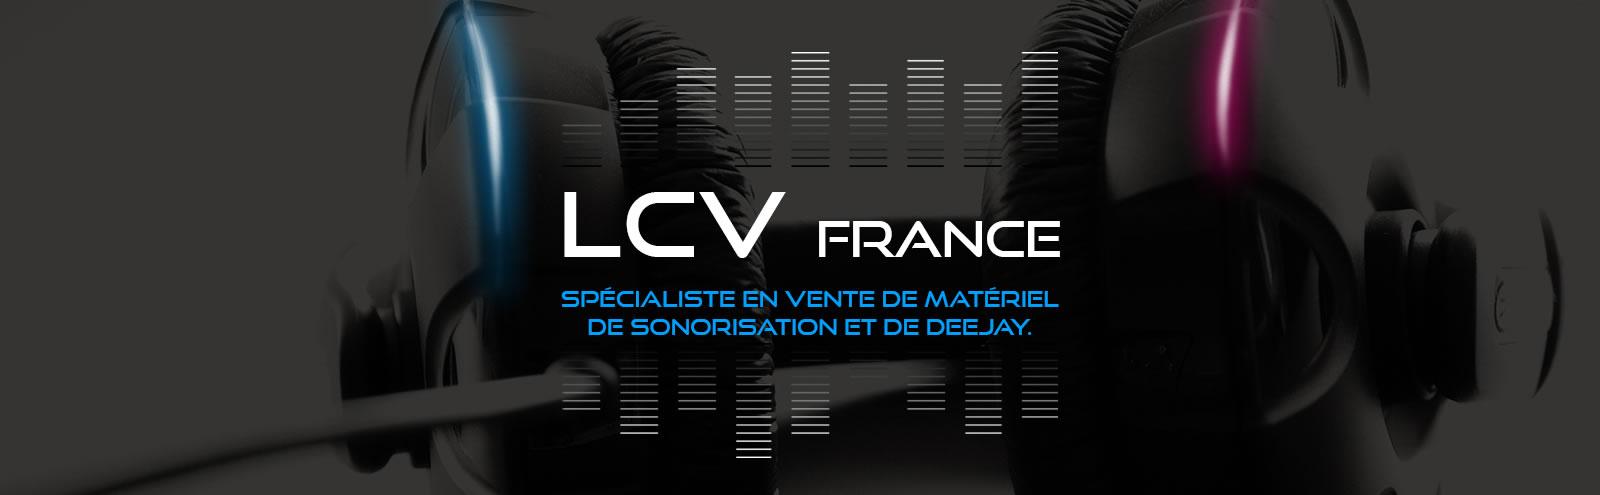 LCV France - Vente de matériel de sonorisation et éclairage